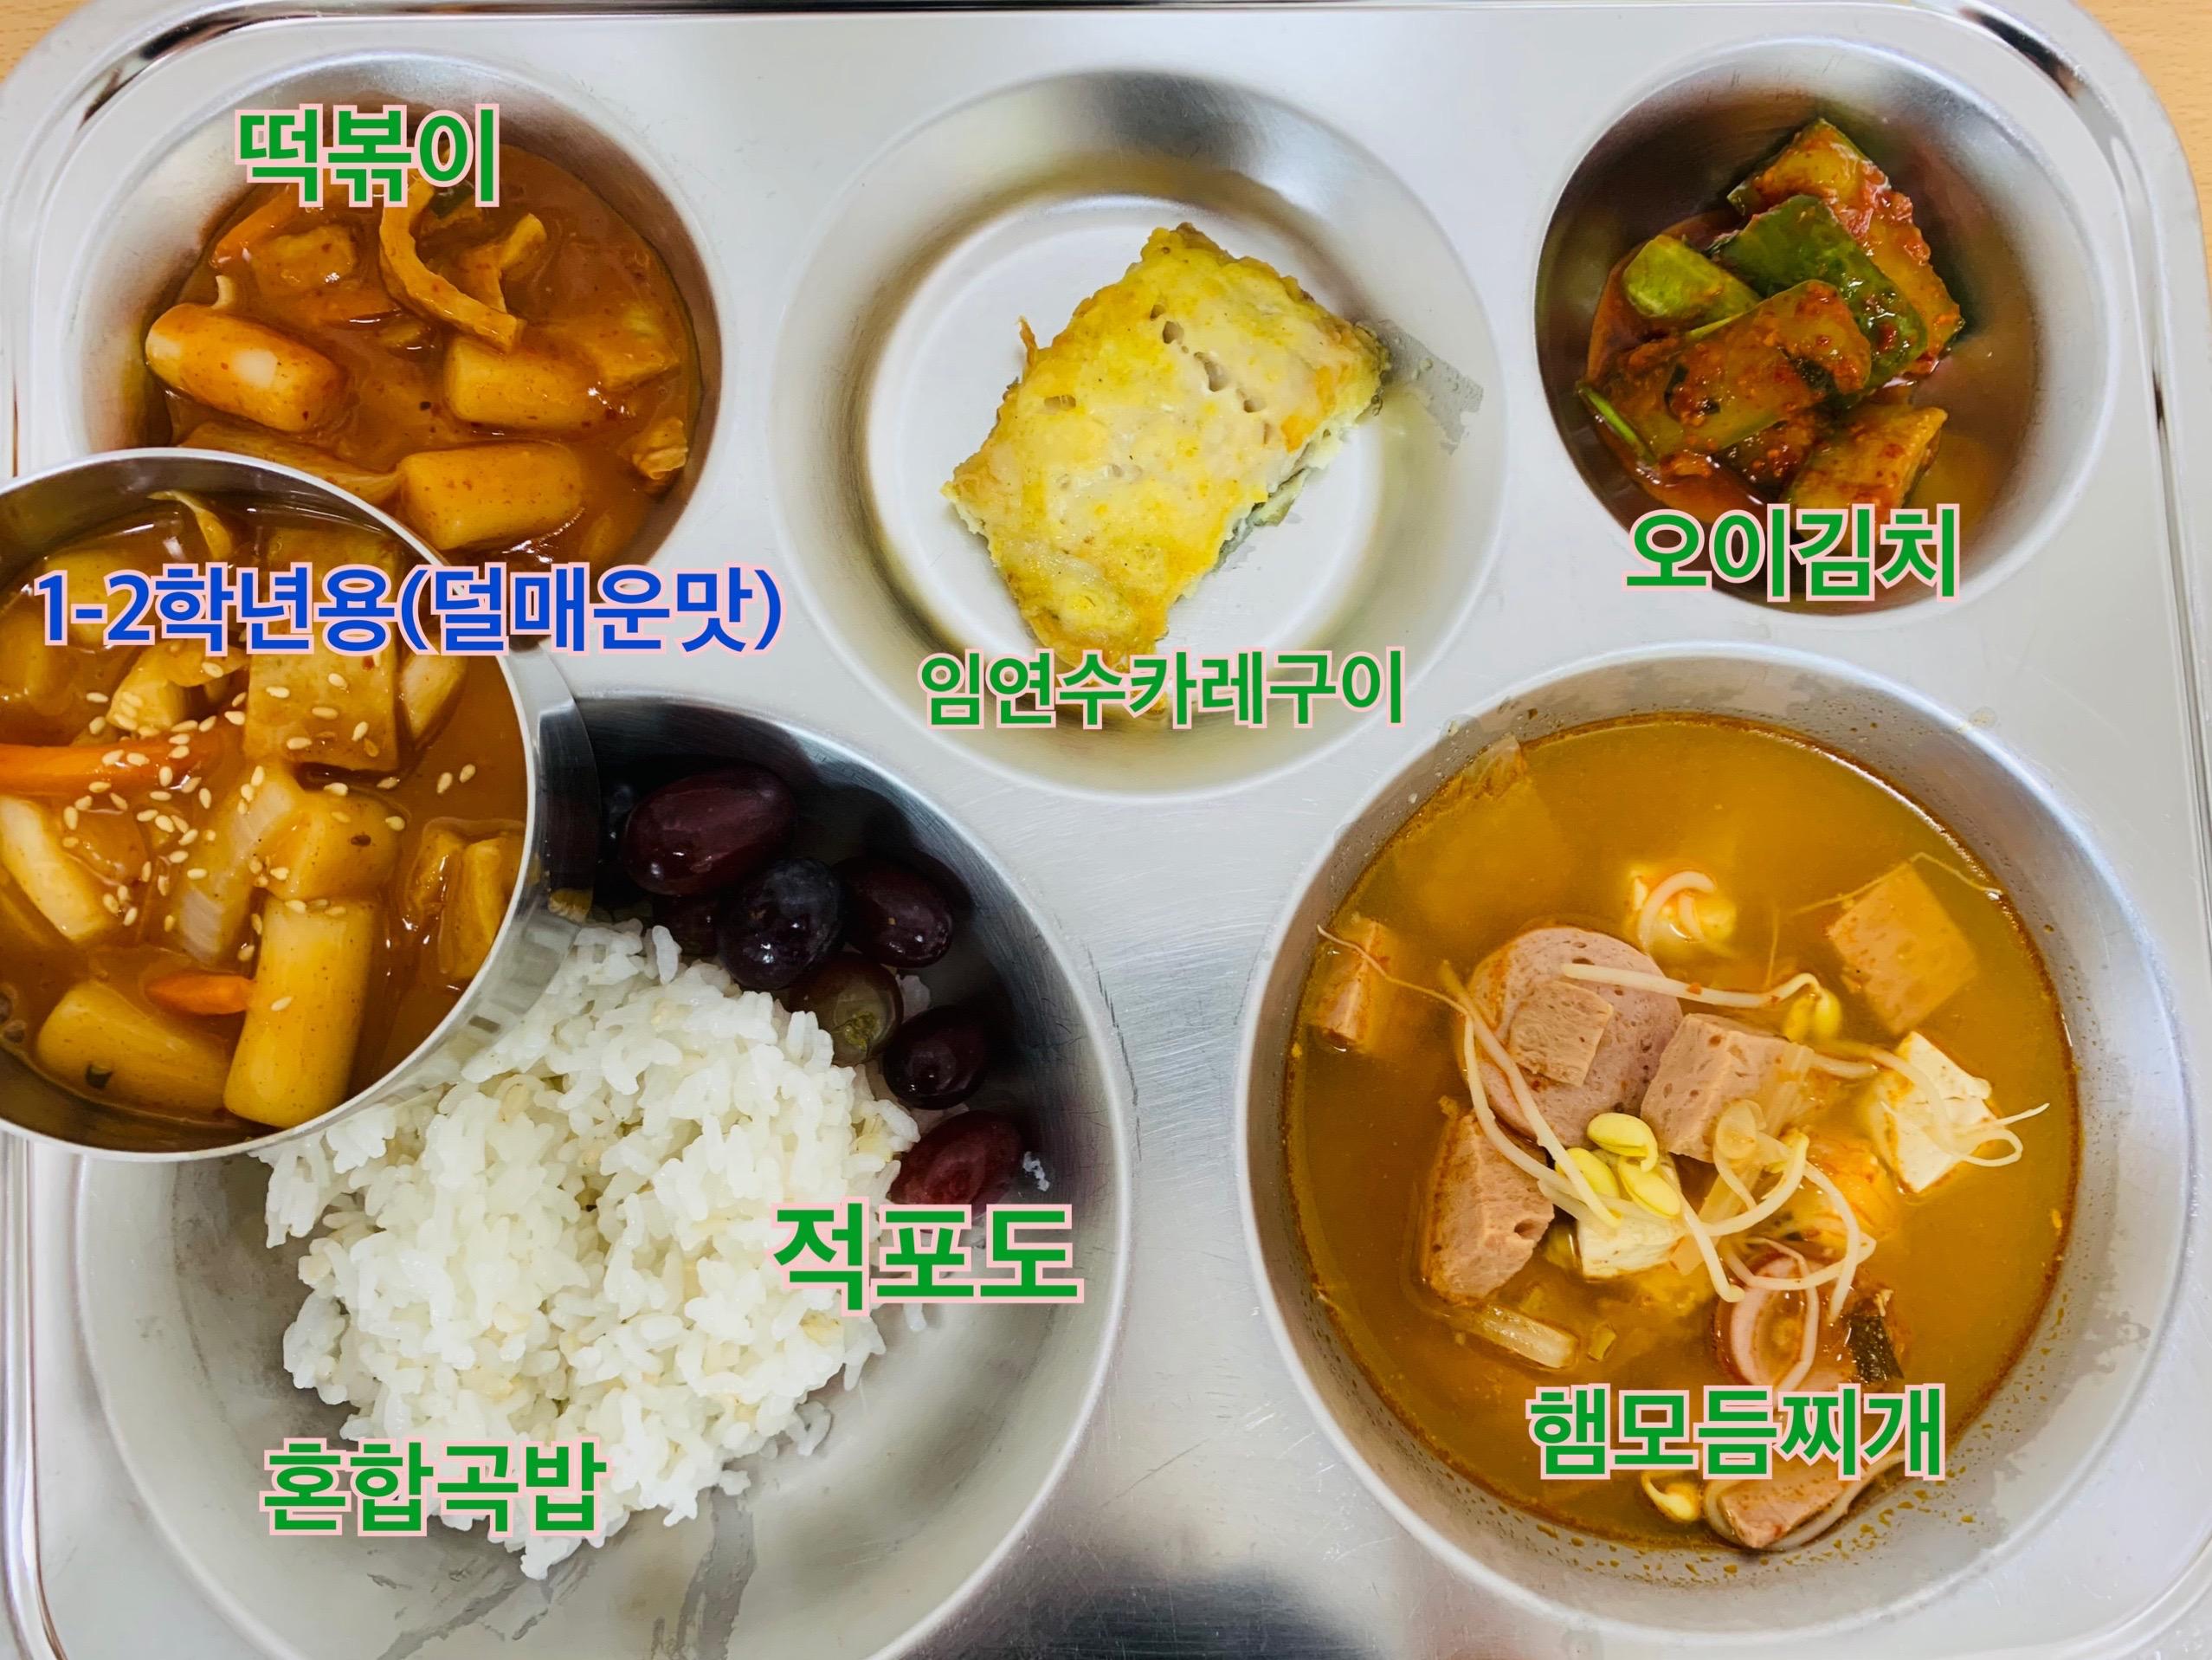 [일반] 6월 22일 식단안내의 첨부이미지 1